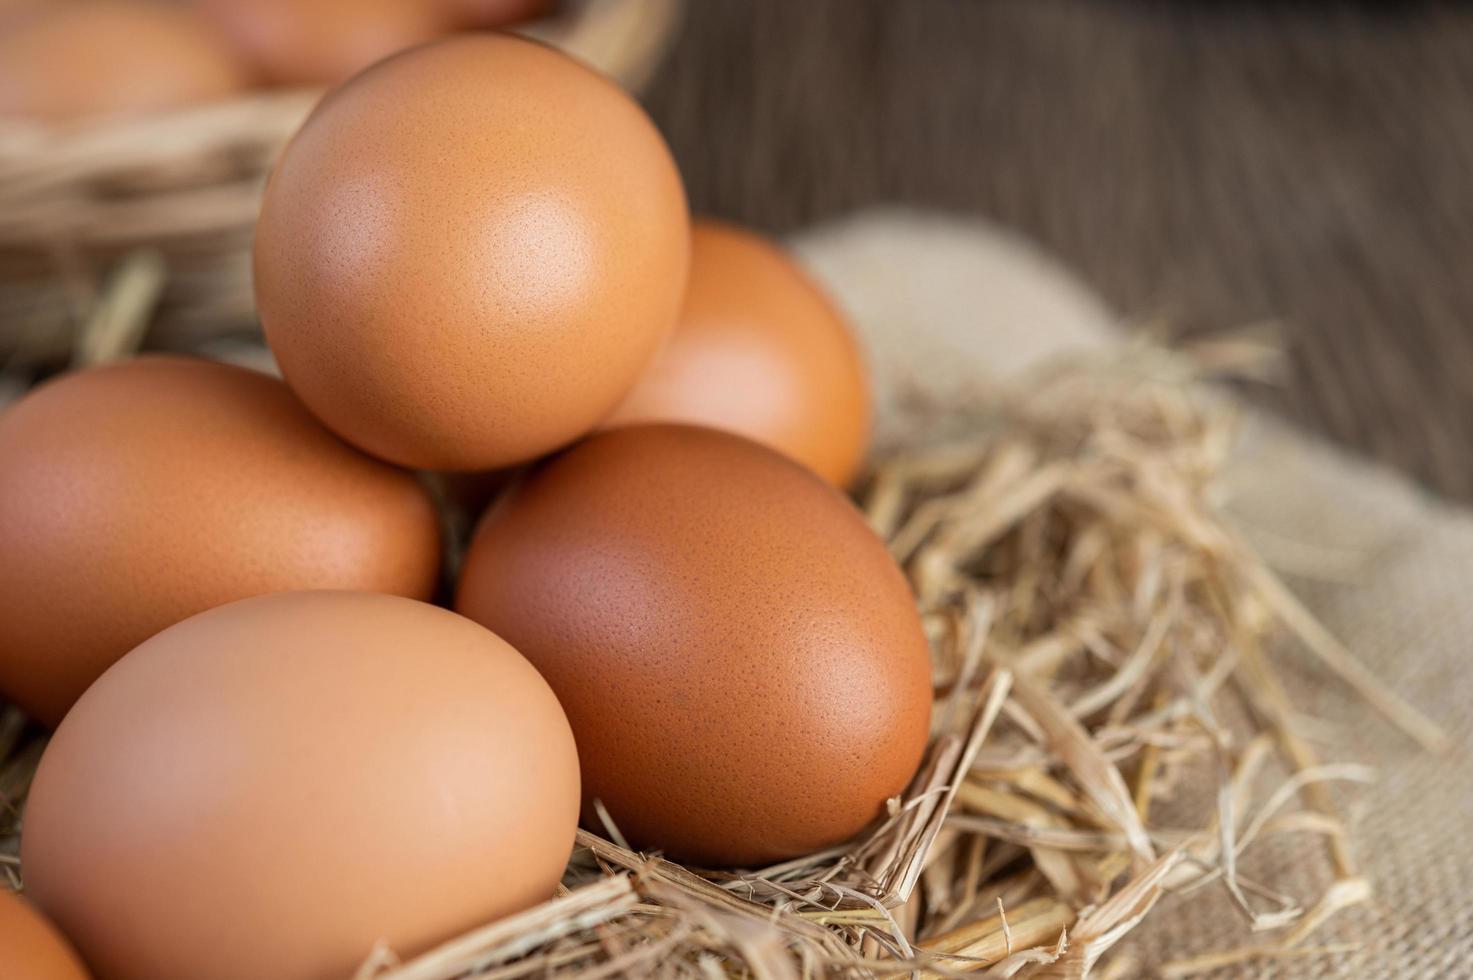 råa ägg på hampa och halm foto